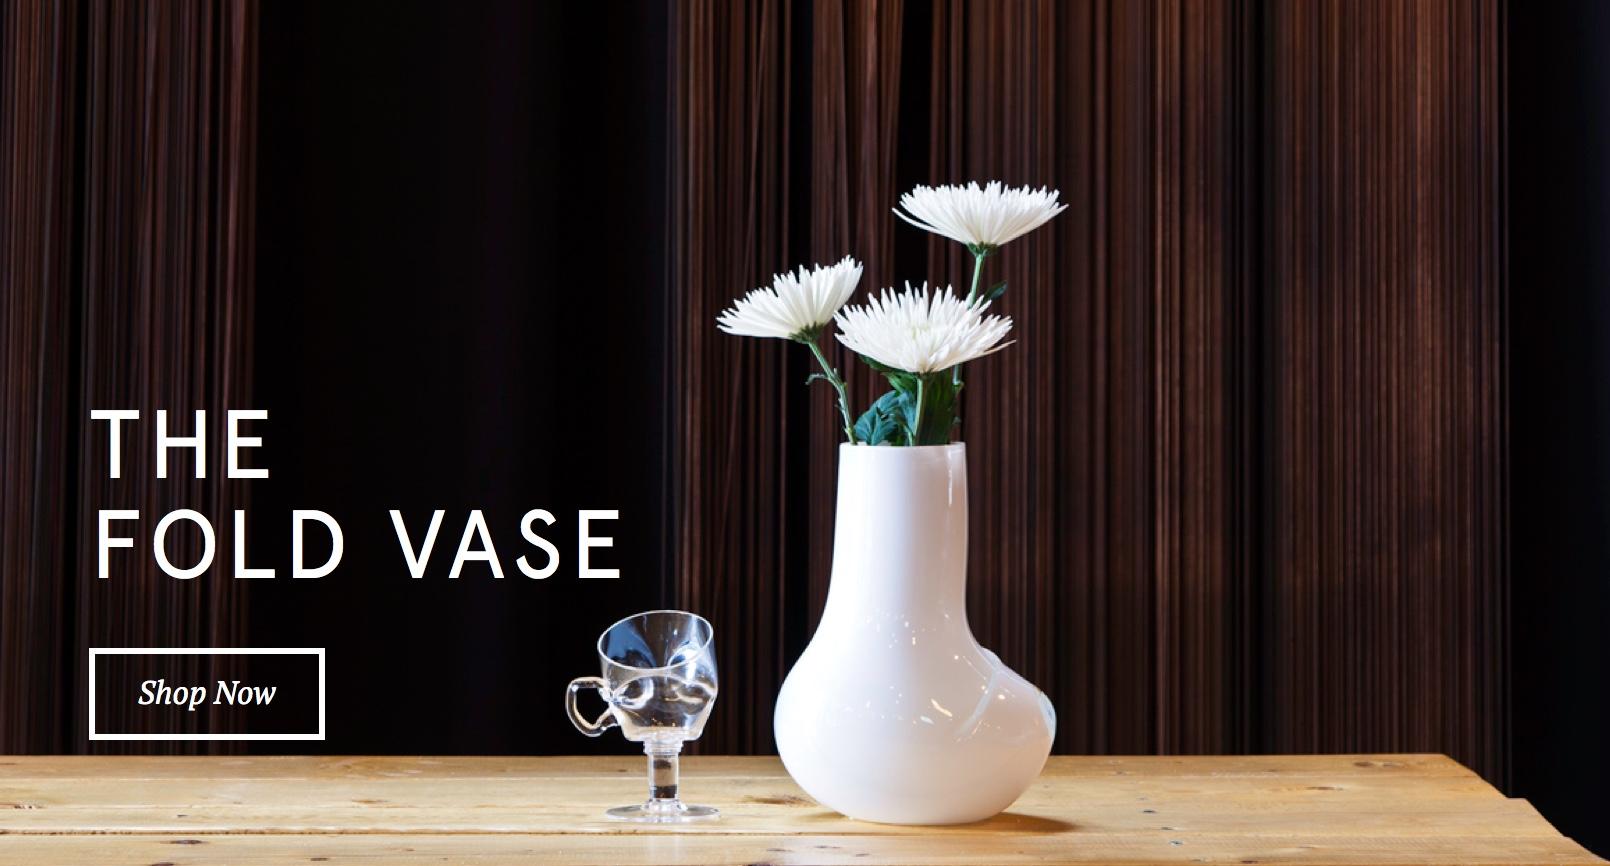 fold-vase-featured.jpg